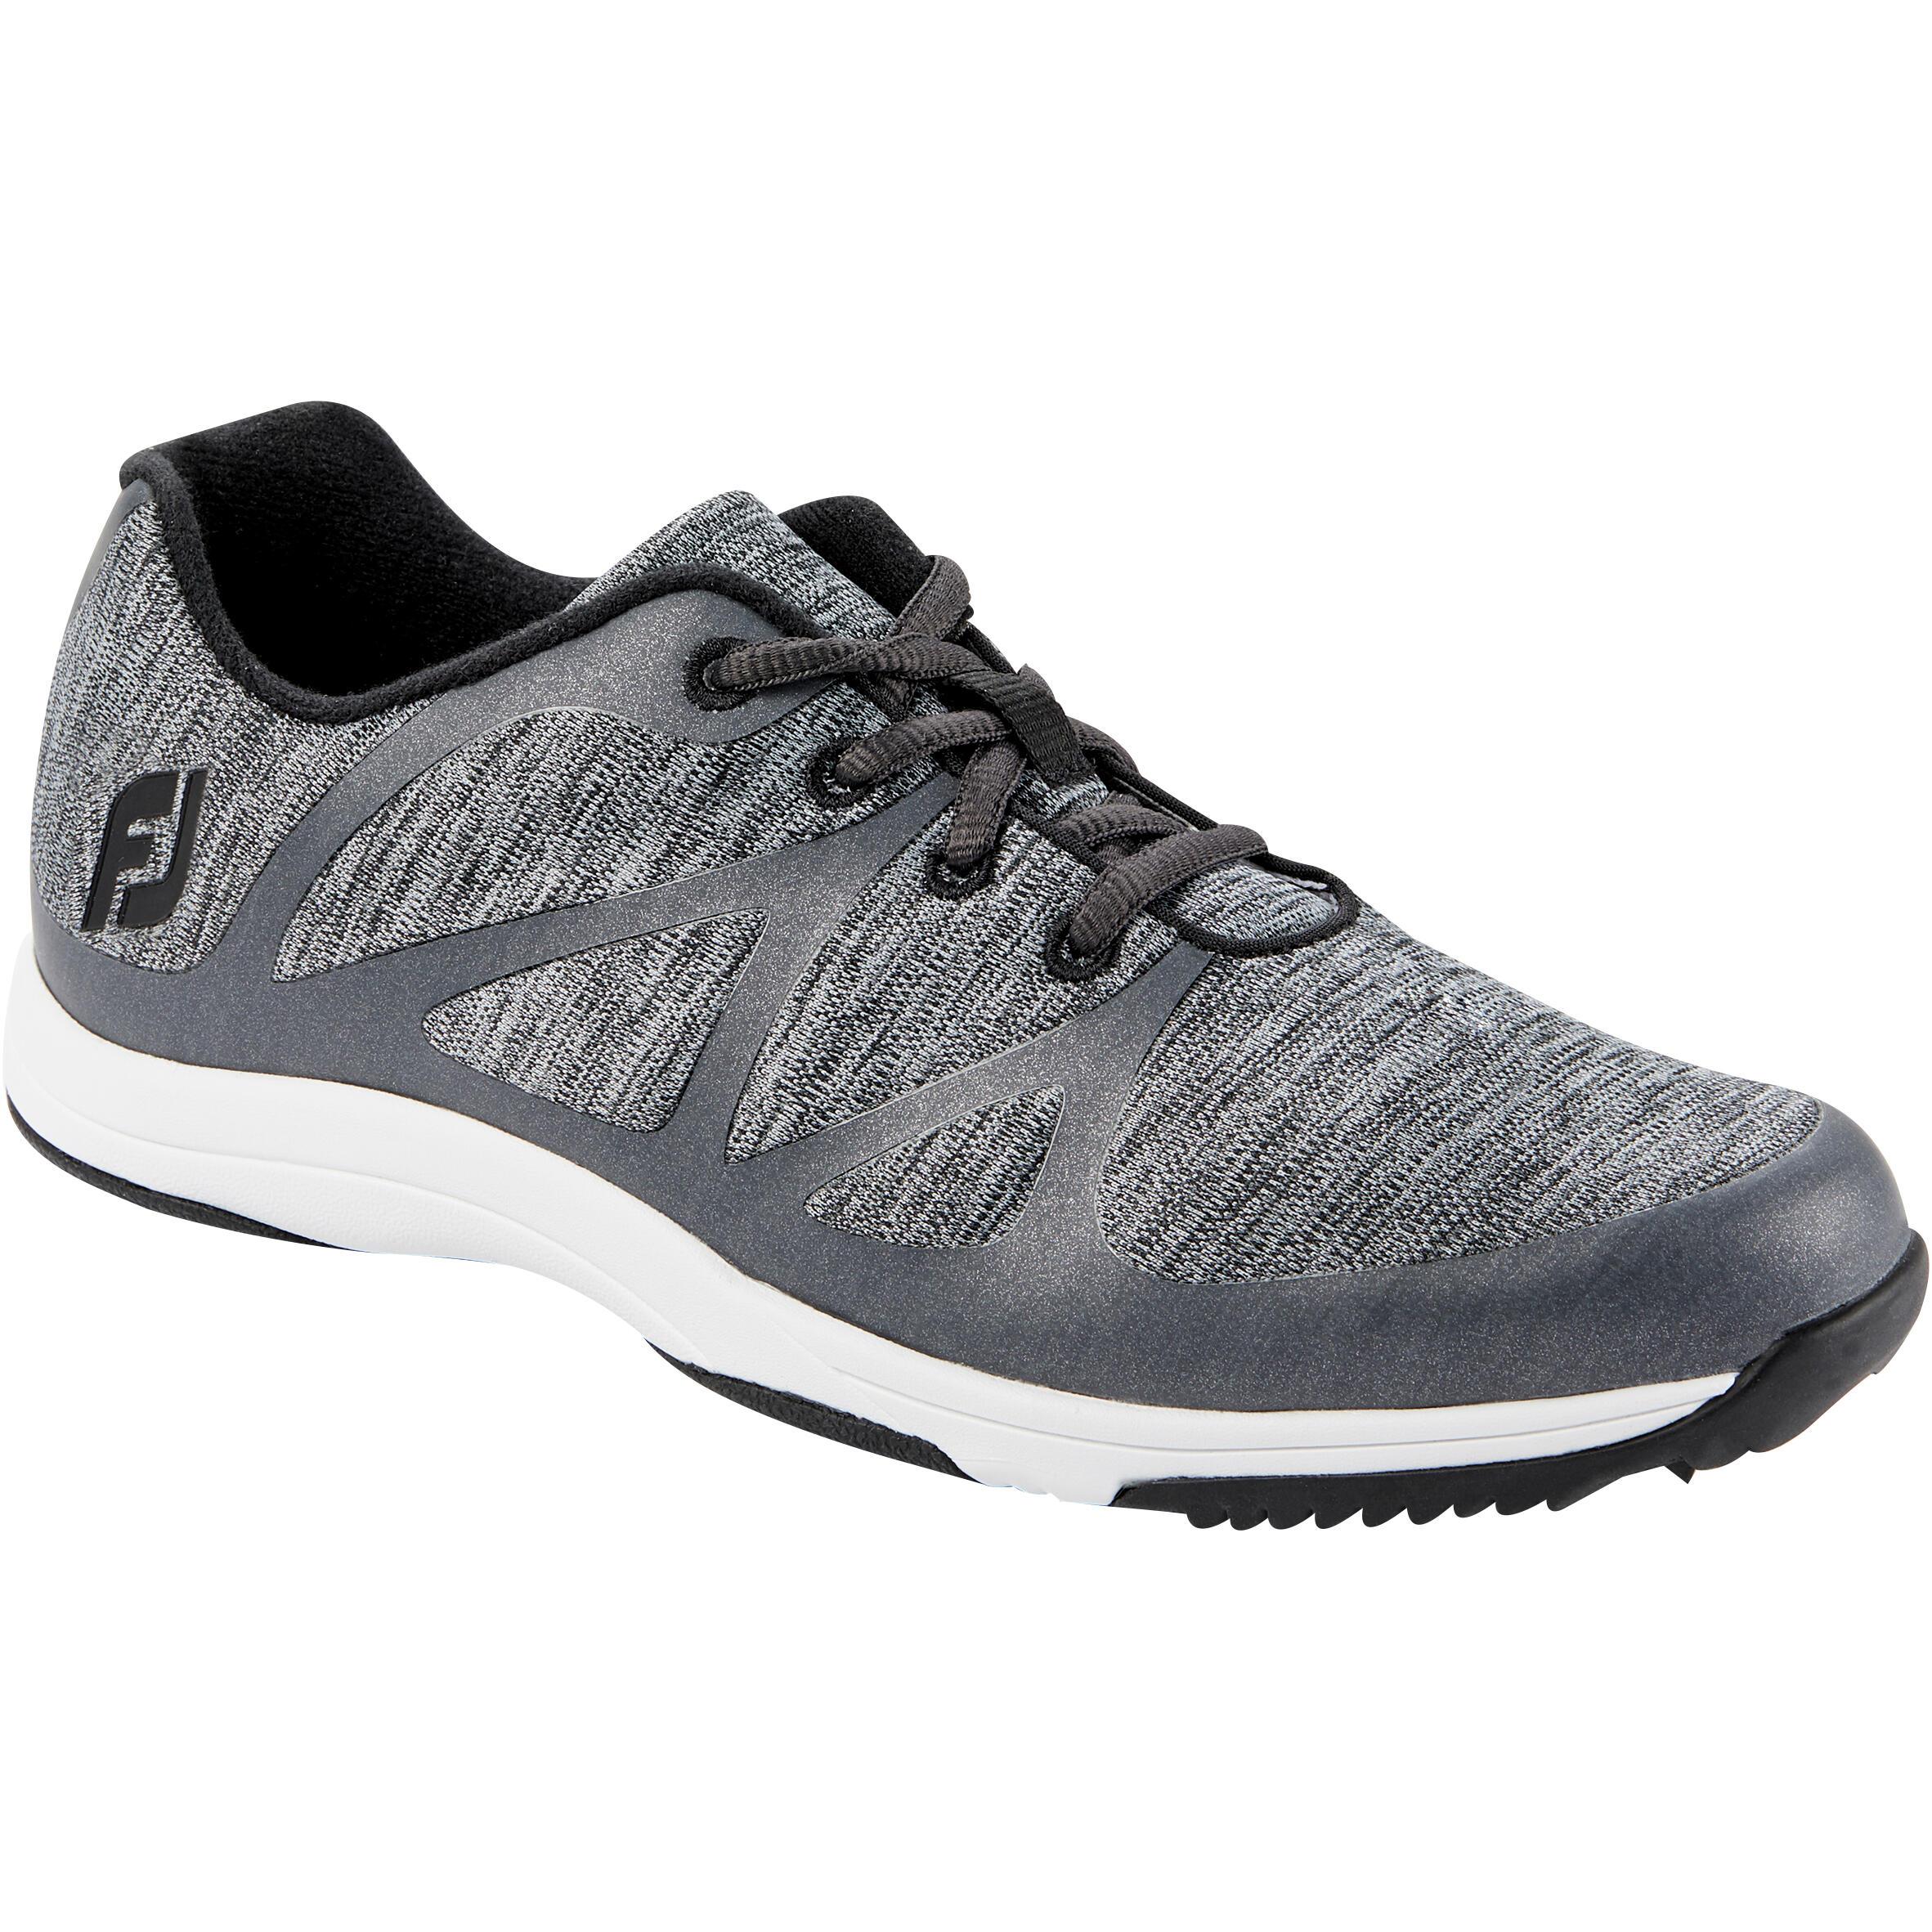 Footjoy Golfschoenen Empower voor dames grijs